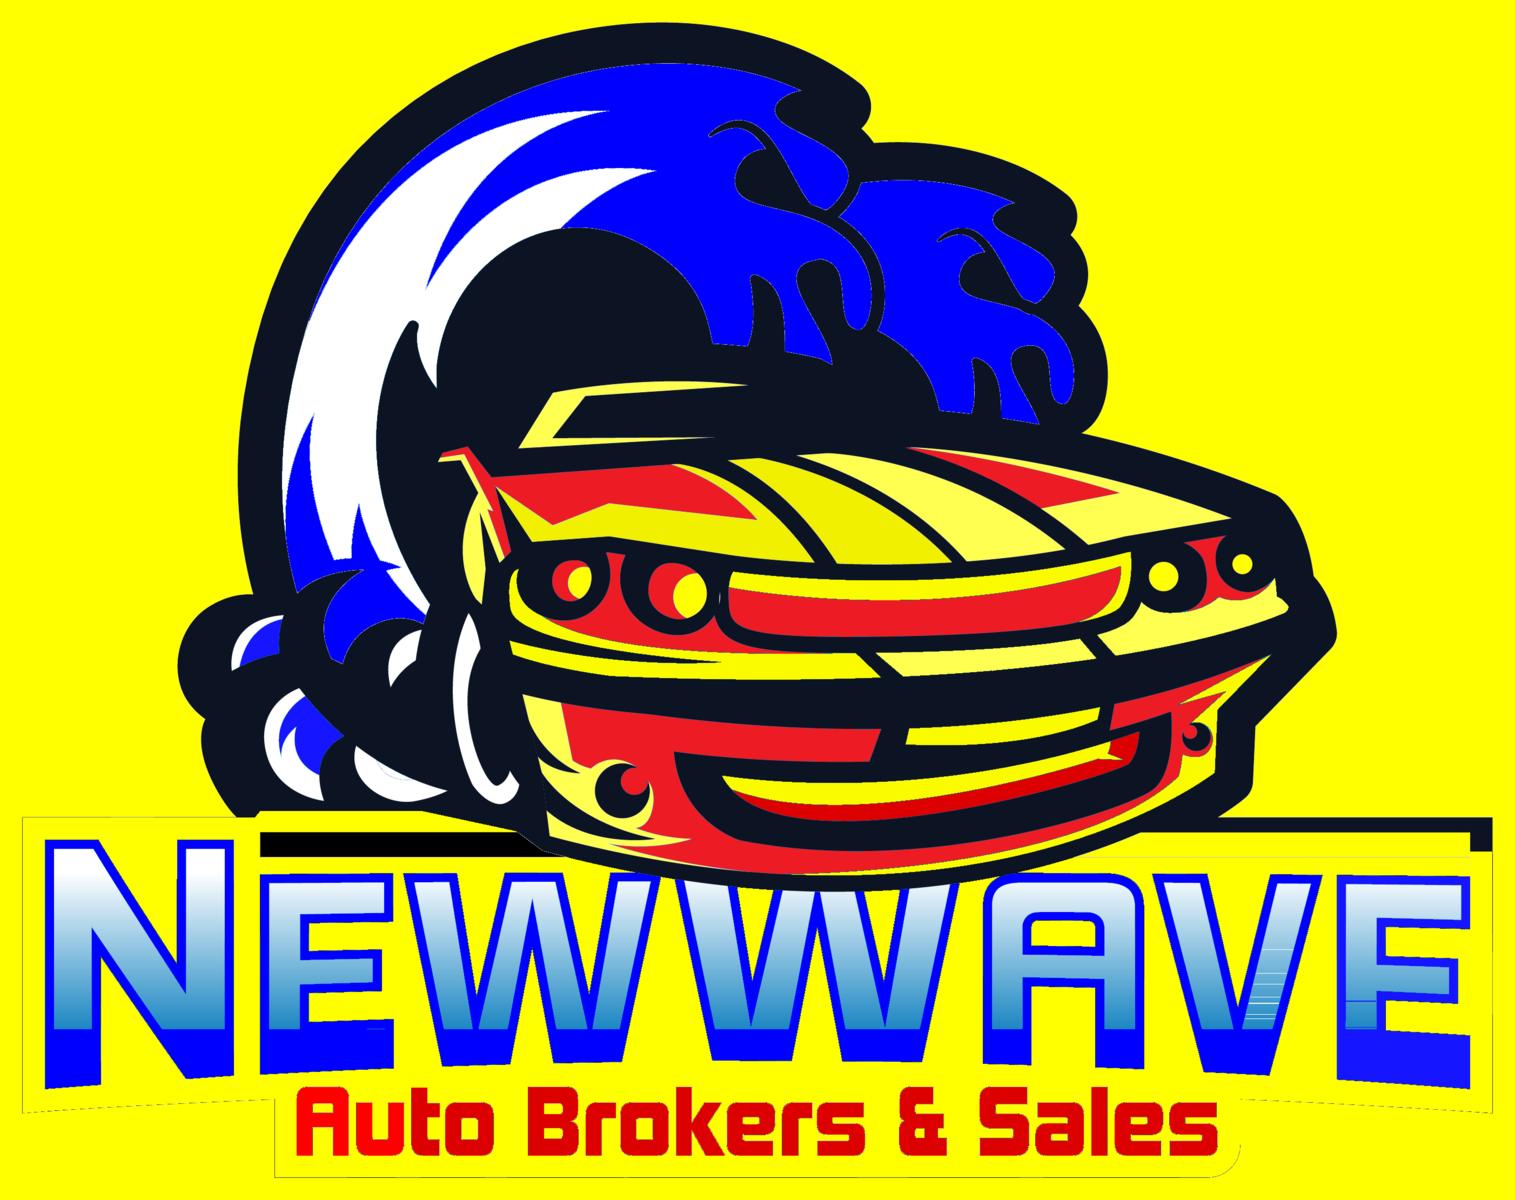 Subaru Dealers Denver >> New Wave Auto Brokers & Sales - Denver, CO: Read Consumer ...